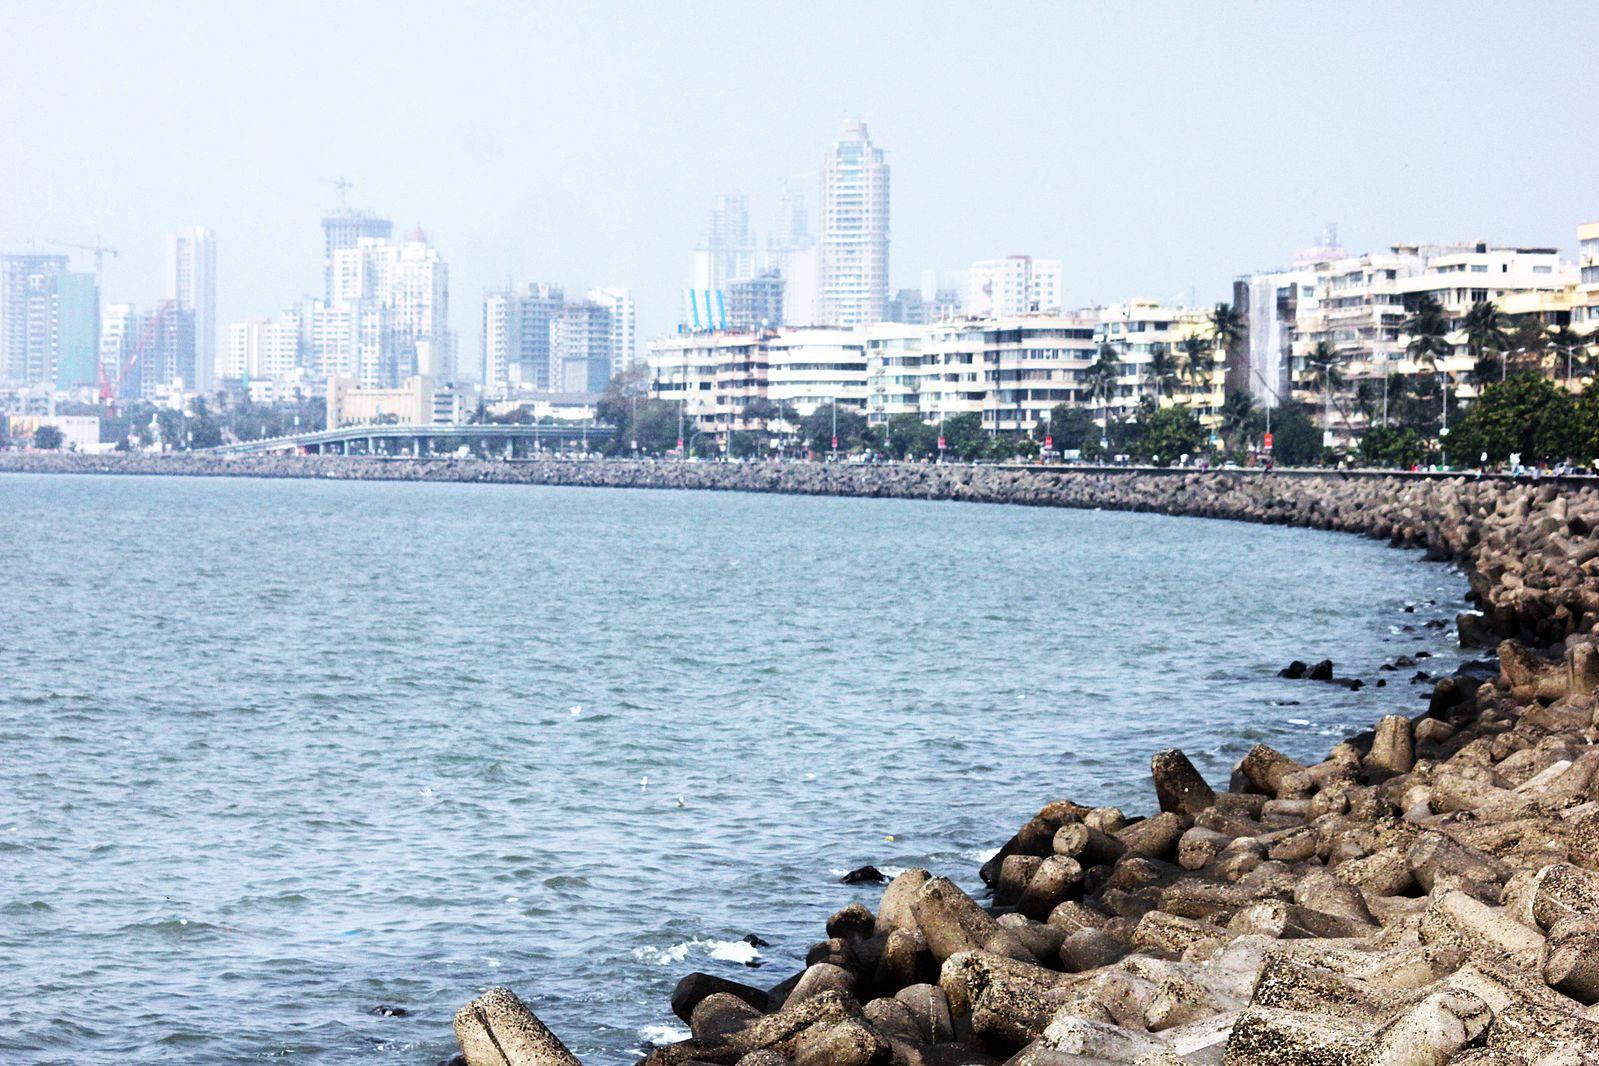 marine_drive_queens_necklace_mumbai